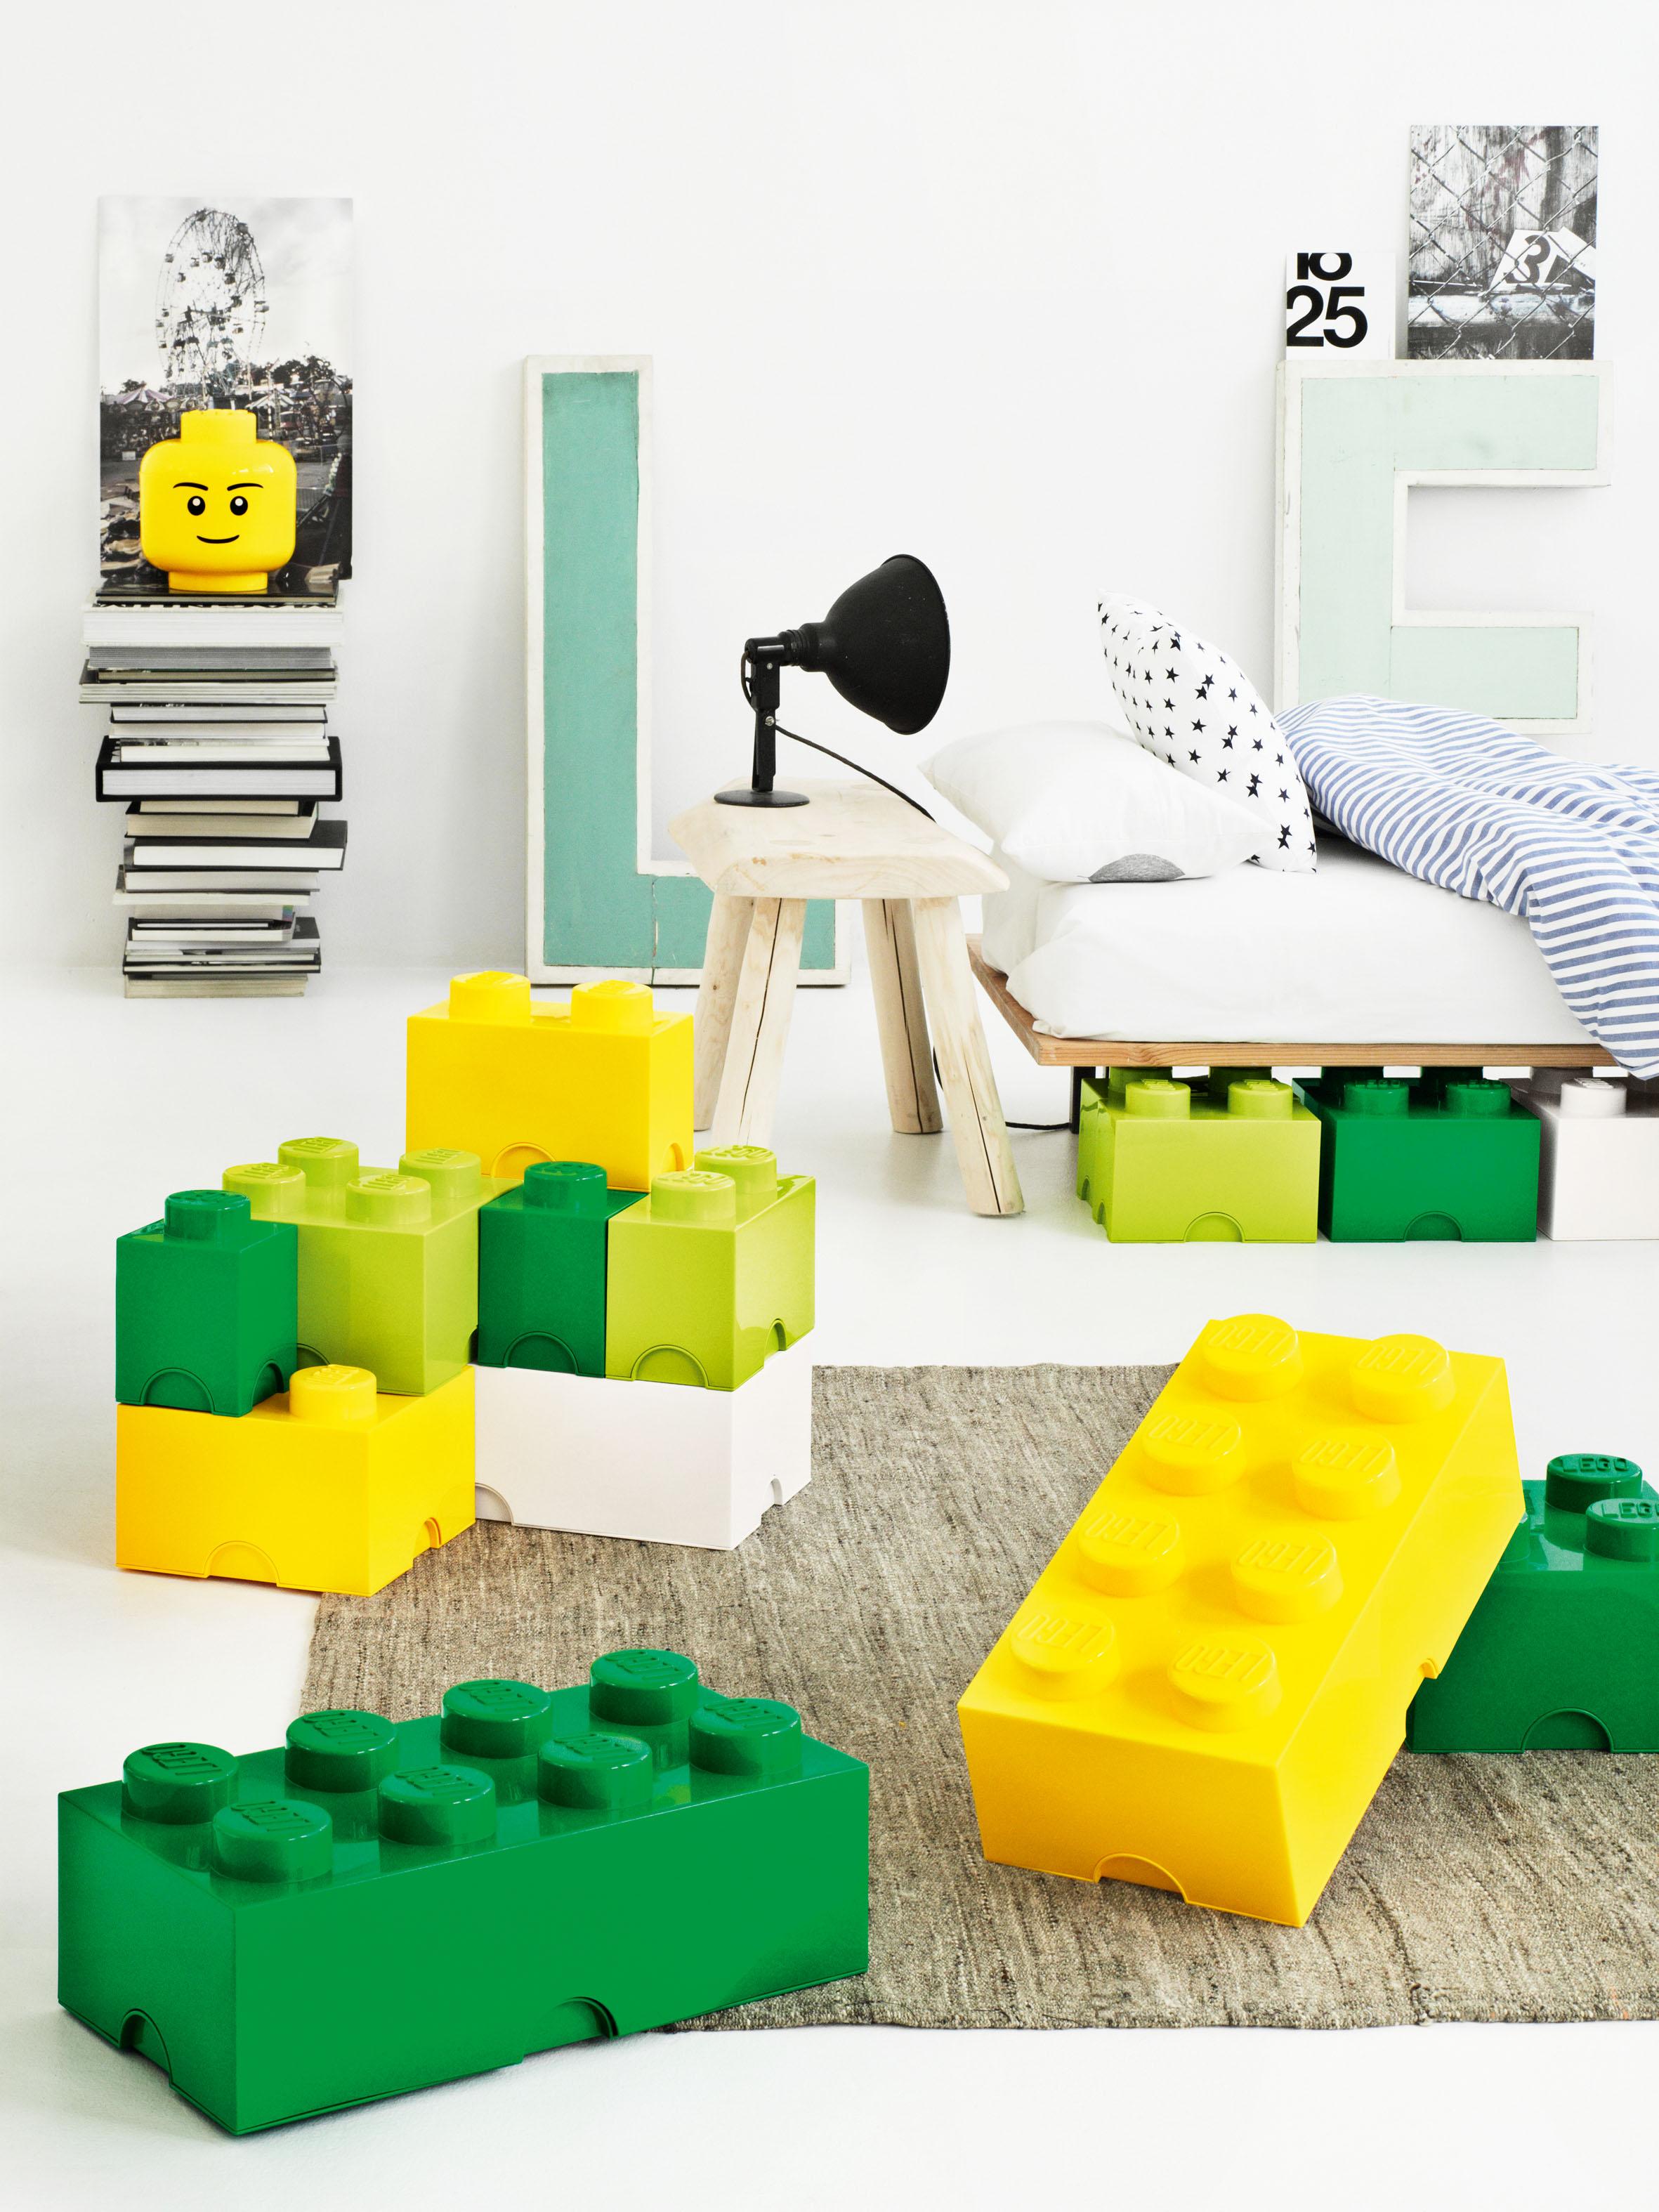 lego-storage-boxes-1